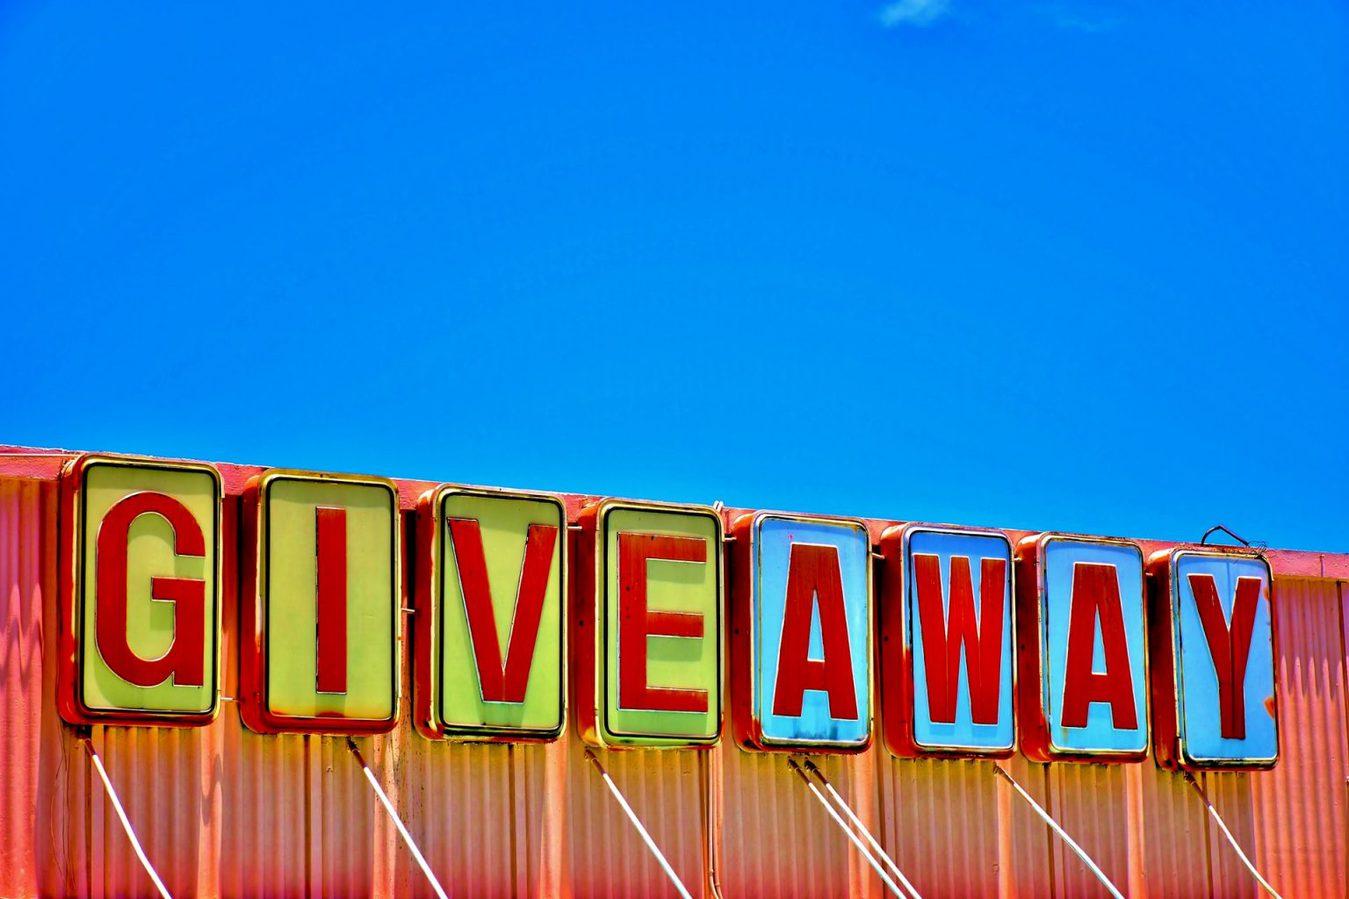 Giveaway bord tegen een blauwe hemel